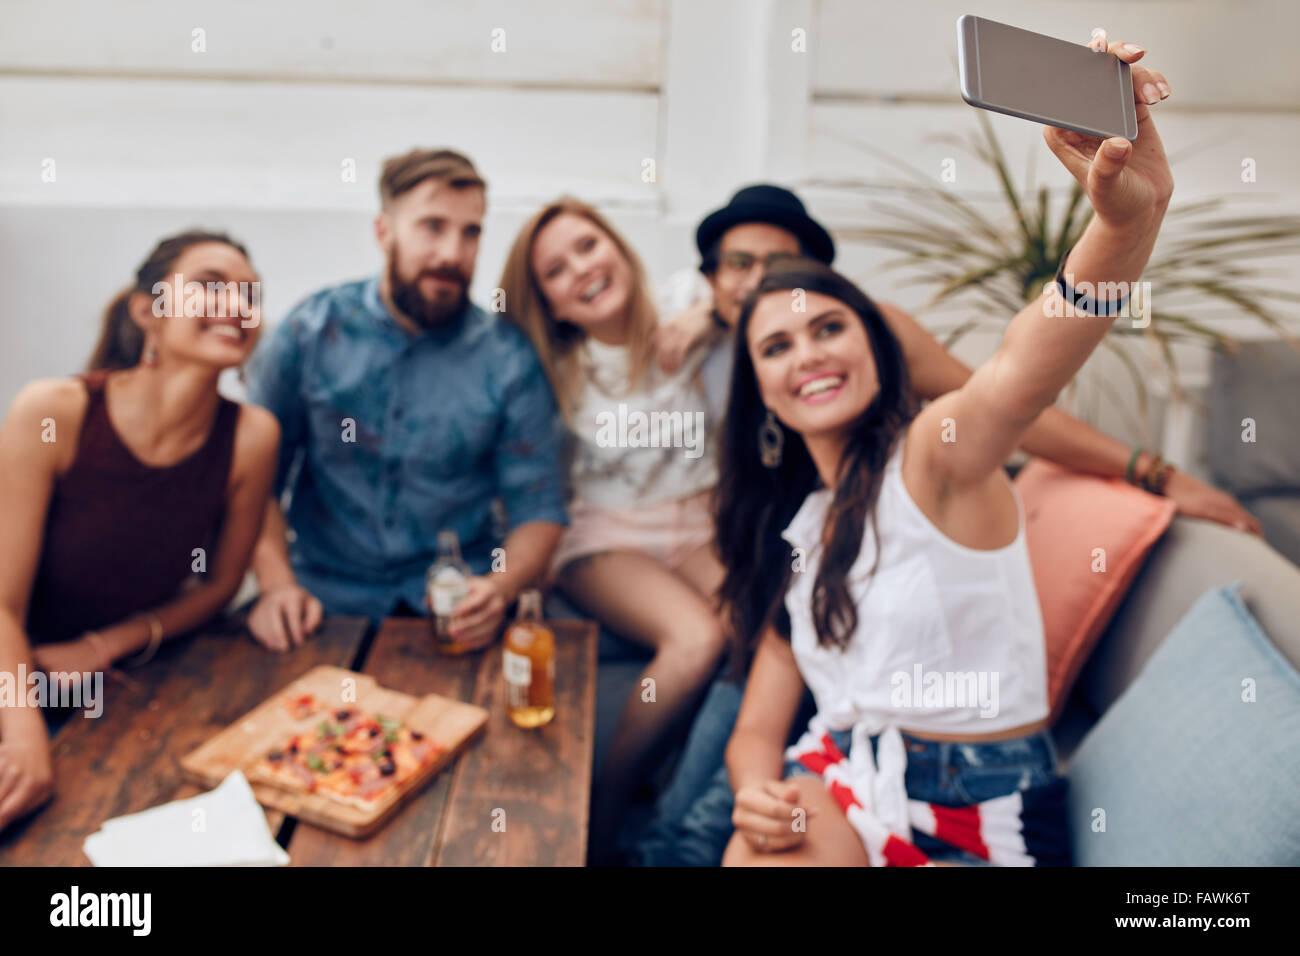 Gruppe von Freunden mit einer Party auf dem Dach, so dass eine Selfie an diesen perfekten Moment zu erinnern. Glücklich Stockbild